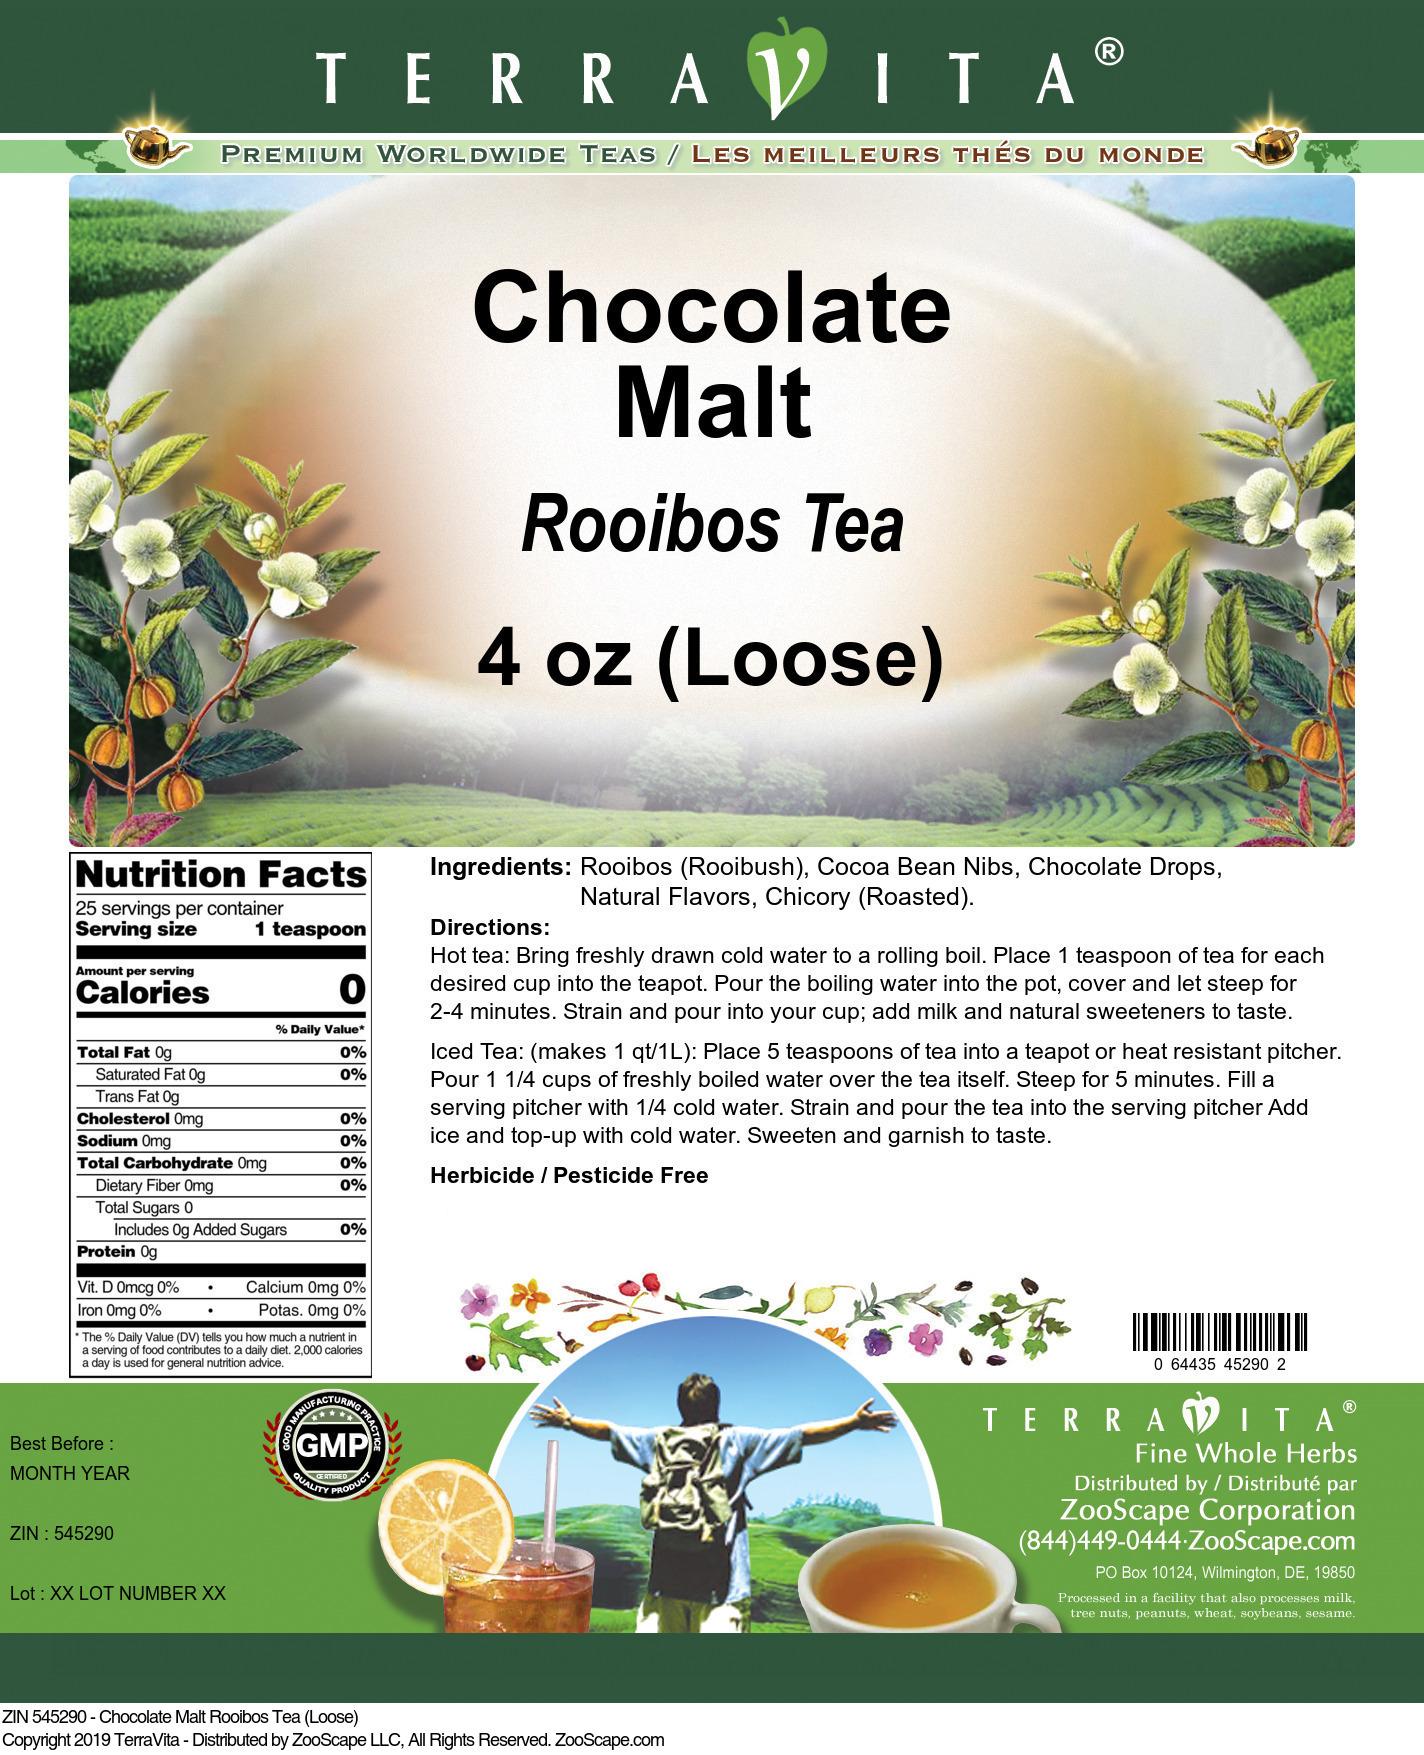 Chocolate Malt Rooibos Tea (Loose)